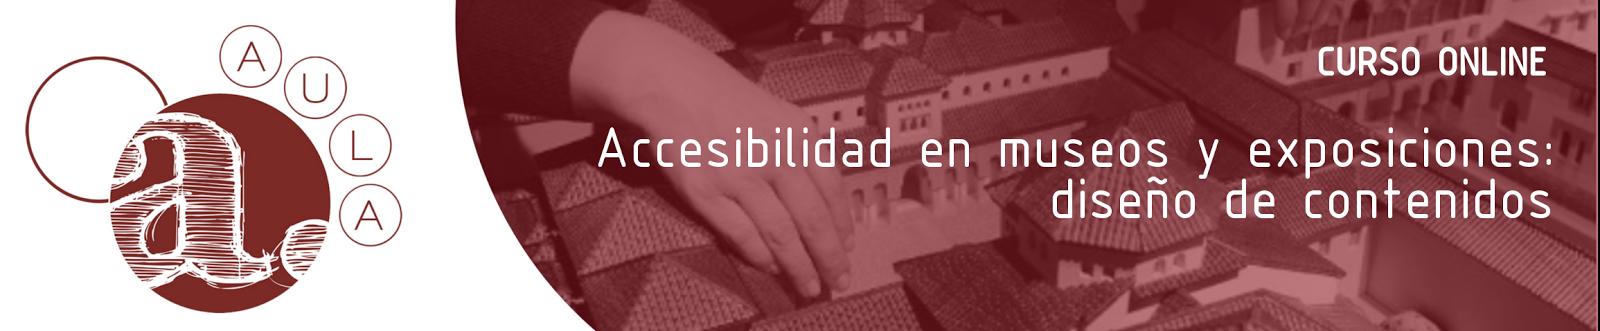 Texto del contenido de la publicidad: curso online Accesibilidad en museos y exposiciones: diseño de contenidos